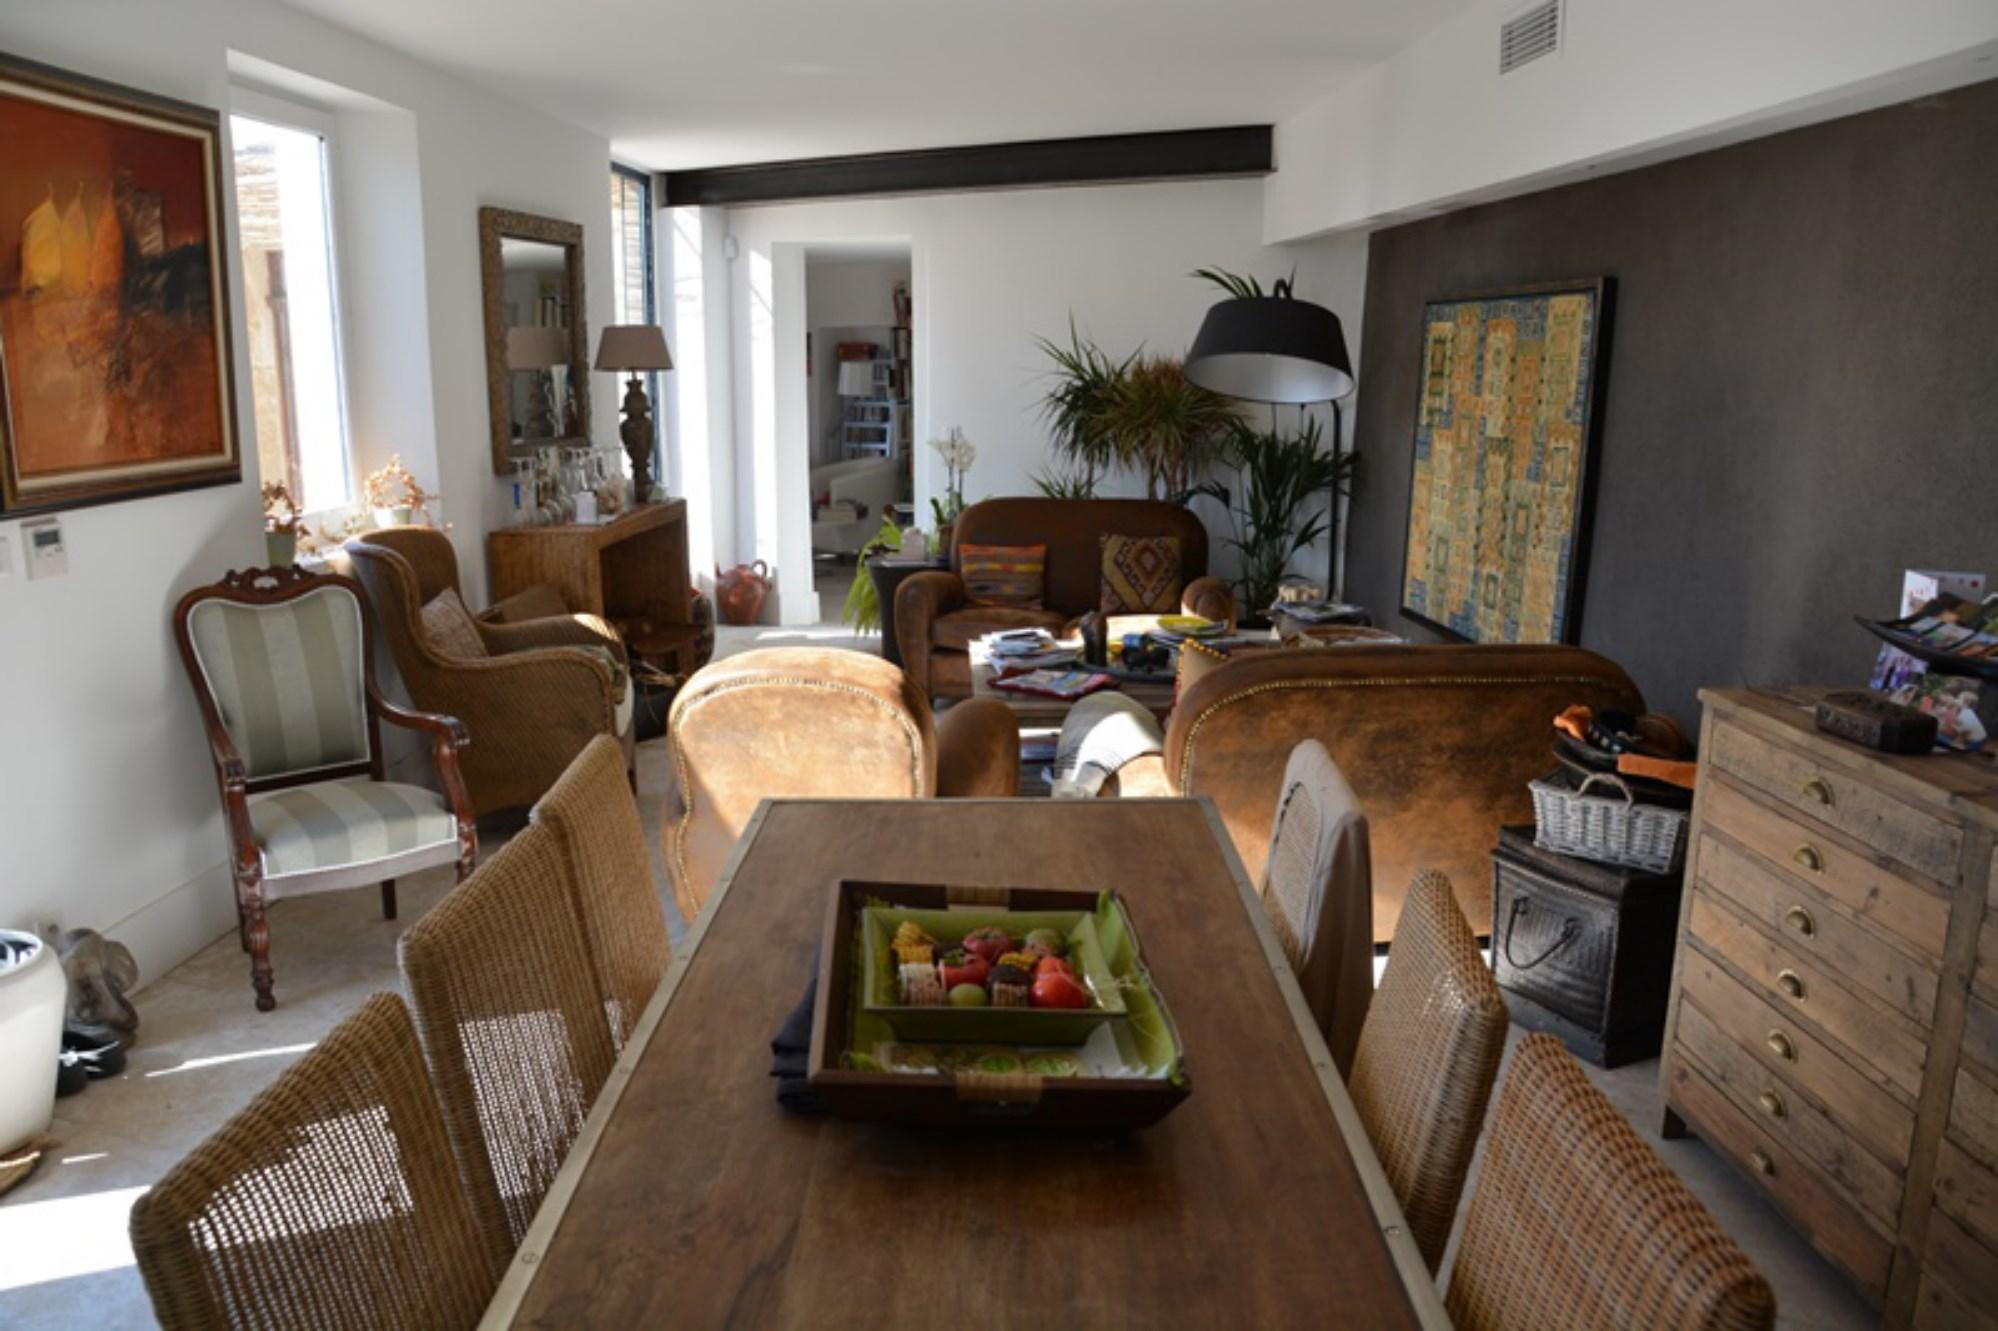 A vendre,  à Gordes, magnifique maison de village avec jardin